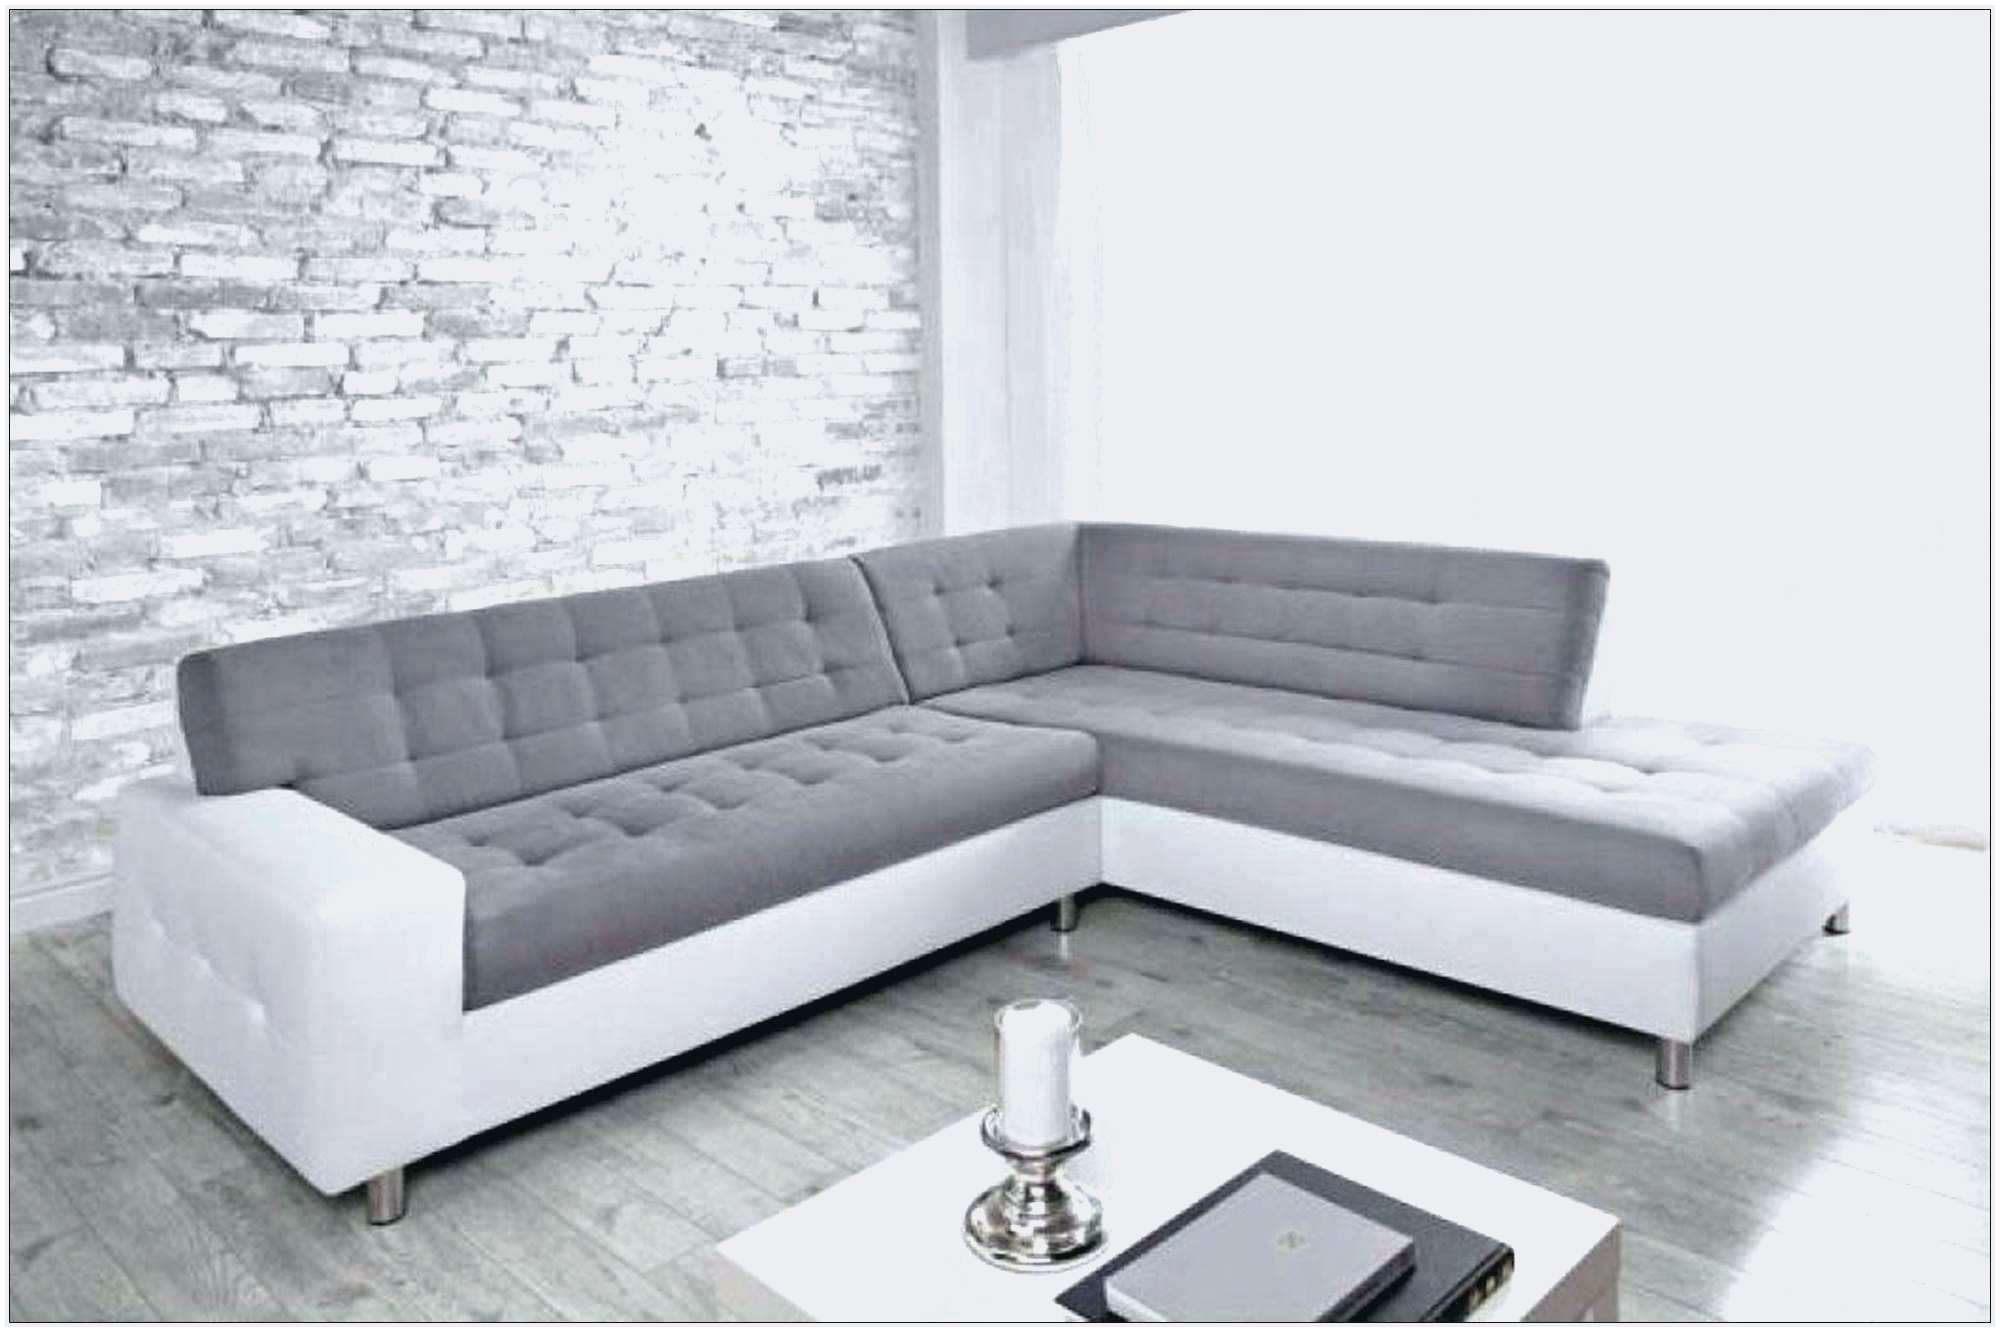 Meilleur Canapé Lit Agréable Inspiré Ikea Canapé D Angle Convertible Beau Image Lit 2 Places 25